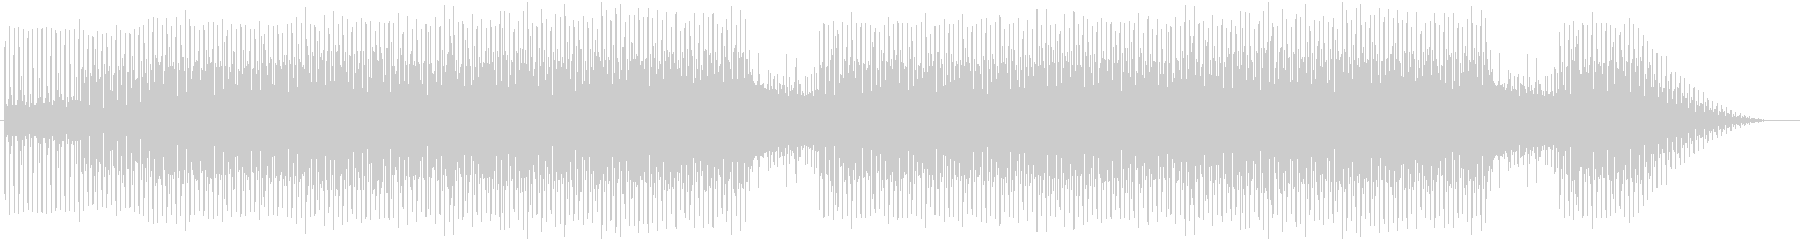 パズル・メニュー(システム系)【テクノ】の未再生の波形